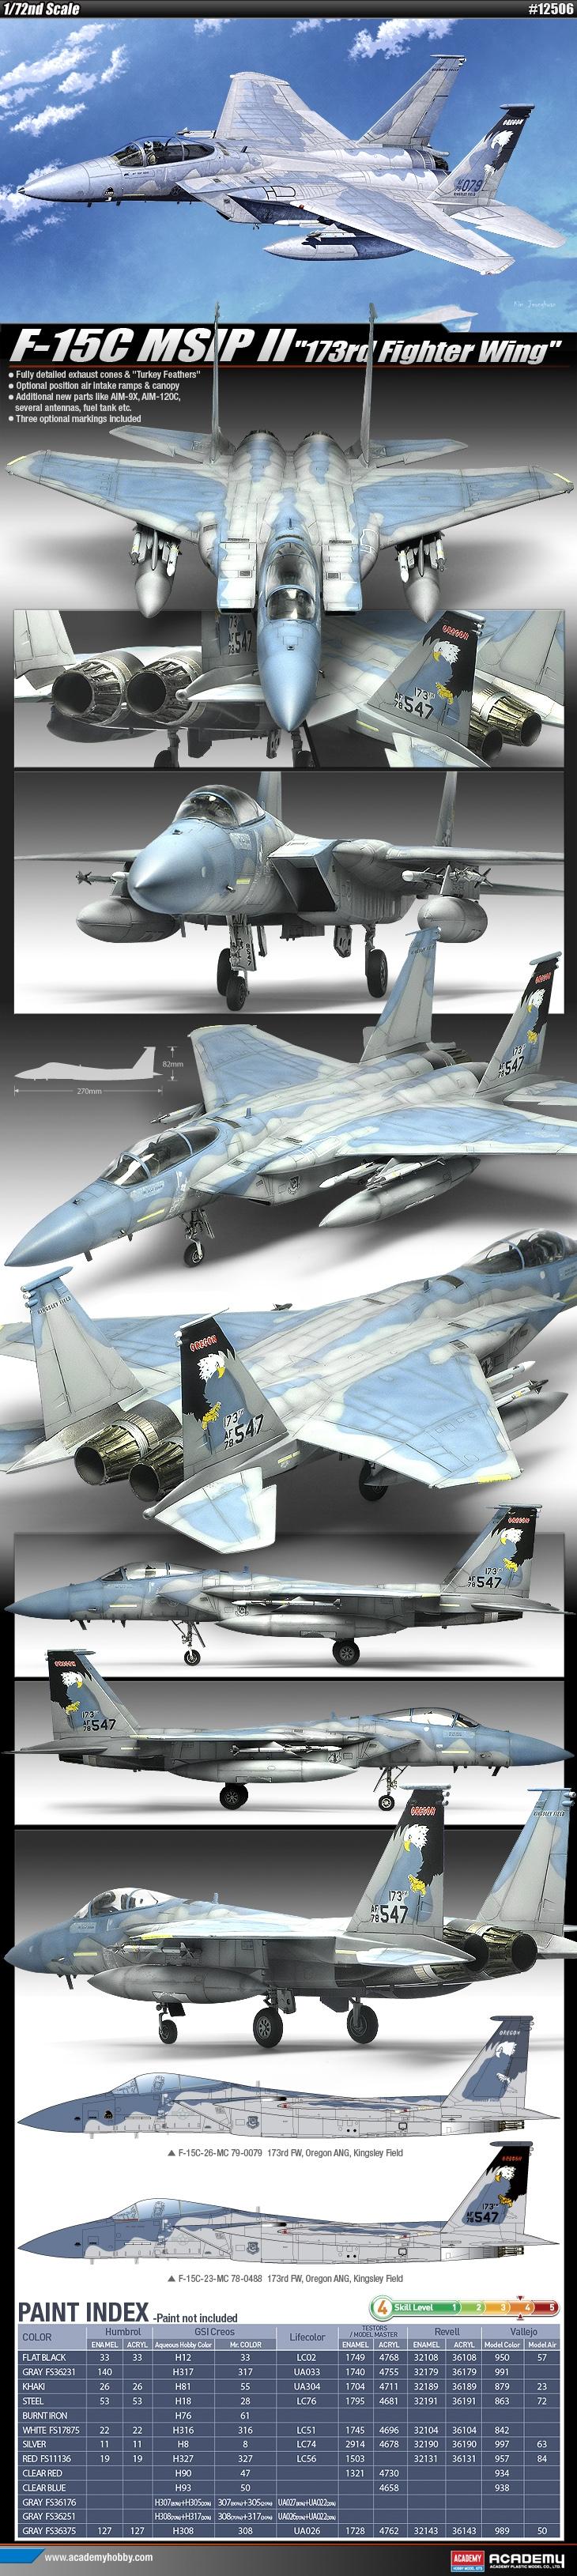 72_F-15C_MSIP_II.jpg